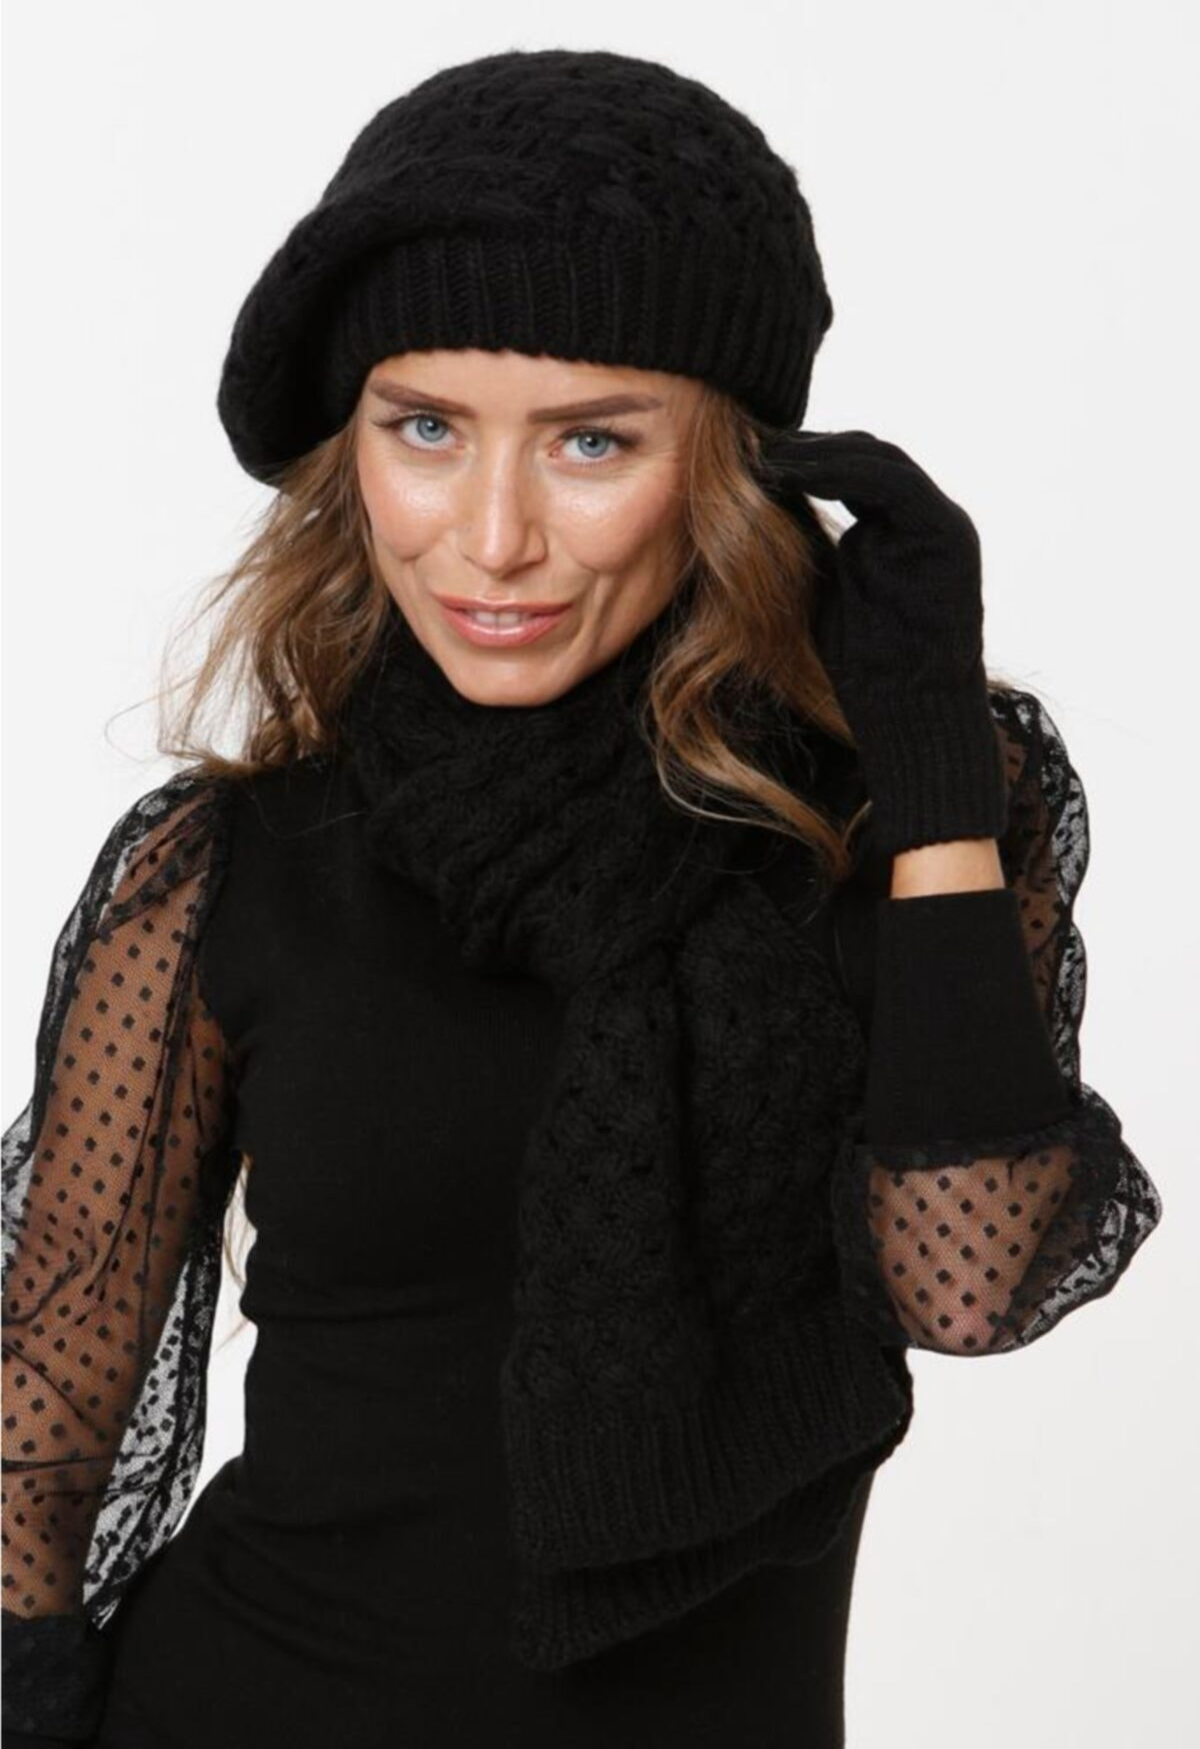 ست دستکش کلاه زنانه شال گردن برند Bigbomb کد 1608134915